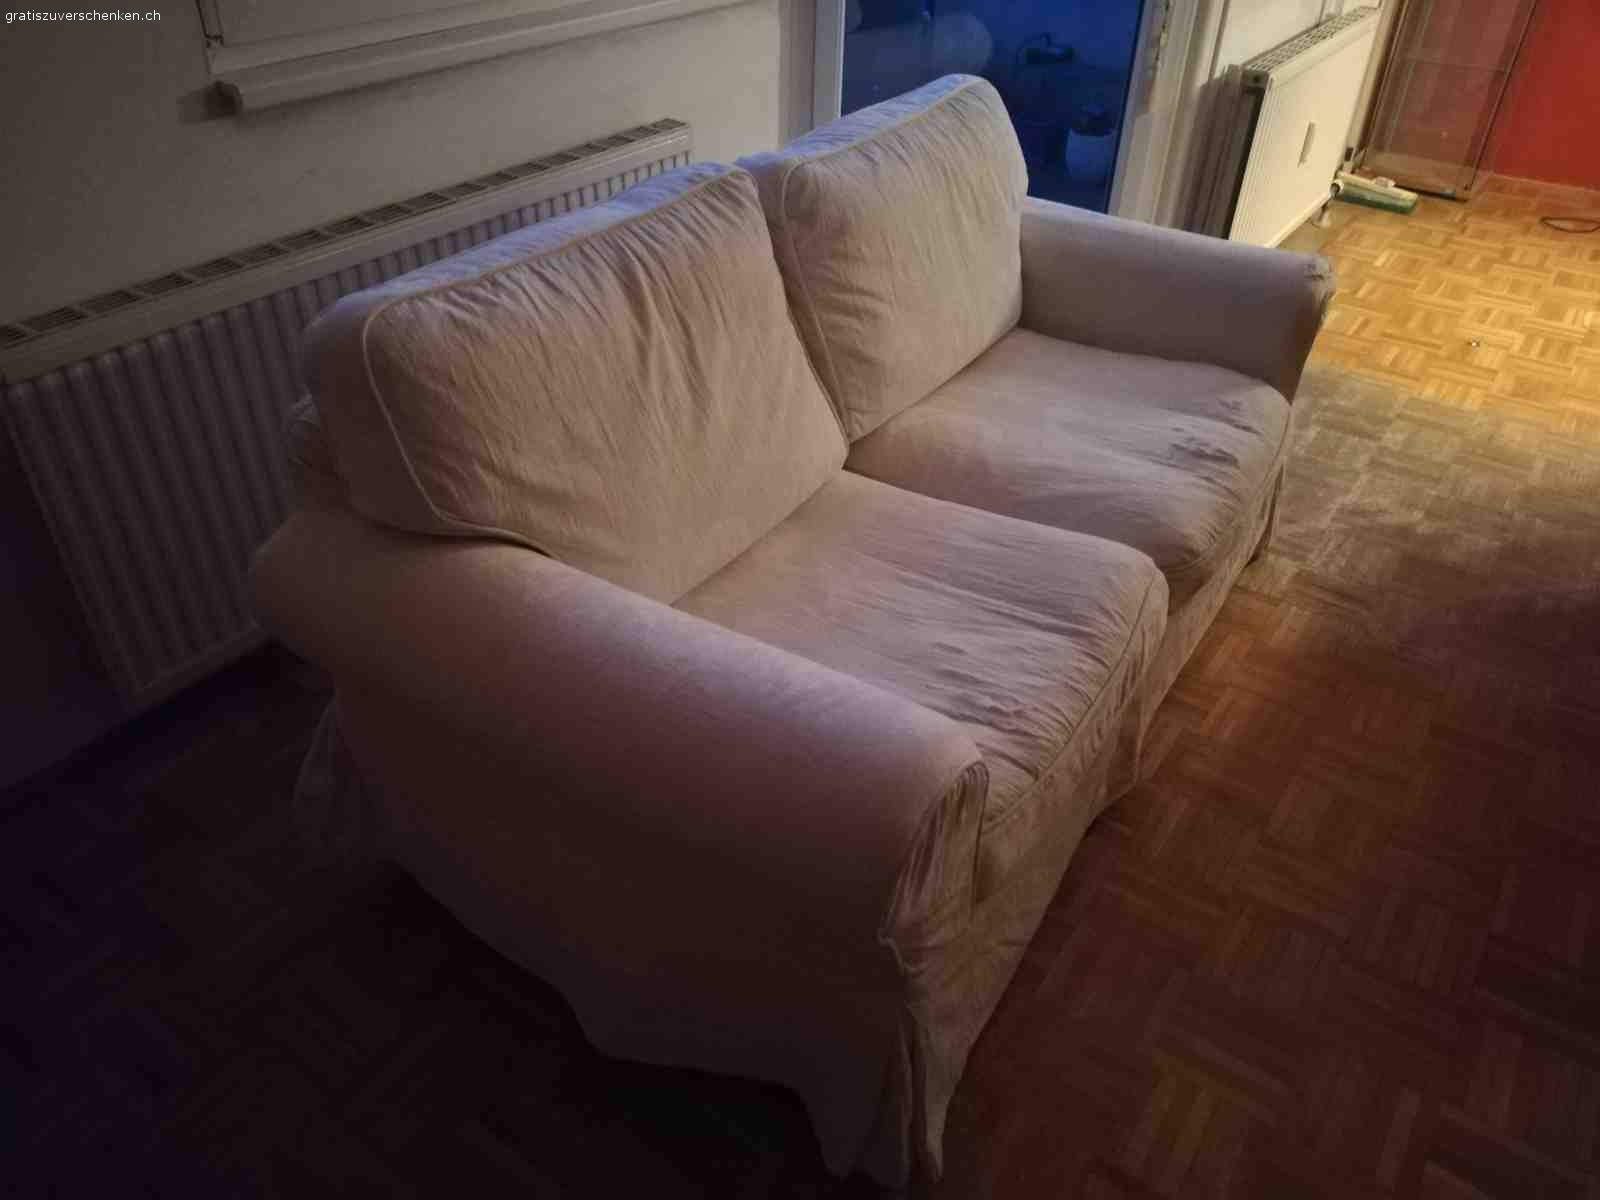 Full Size of Betten Ikea 160x200 Sofa Mit Schlaffunktion Küche Kosten Miniküche Kaufen Modulküche Bei Wohnzimmer Ikea Küchenbank